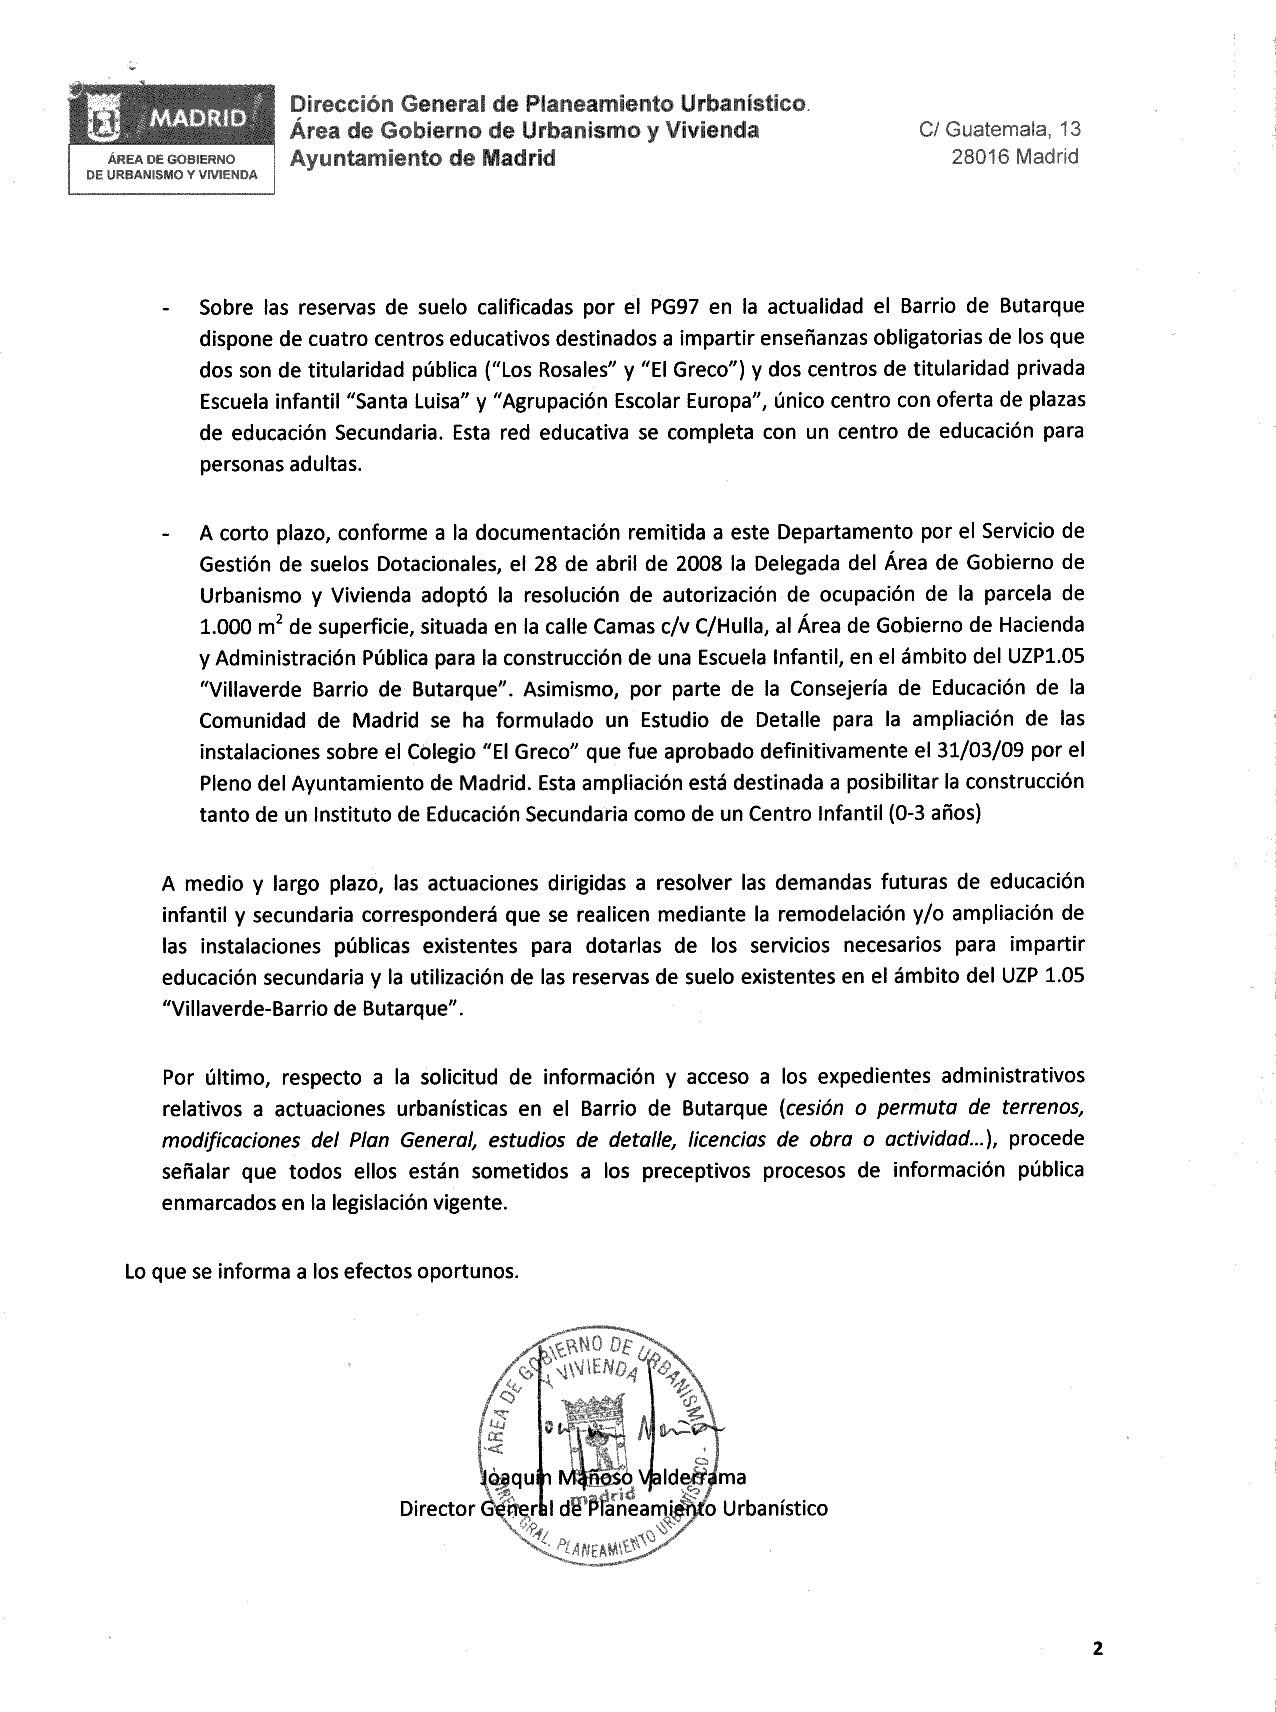 Respuesta_solicitud_Dotaciones_barrio_de_butarque-1.jpg